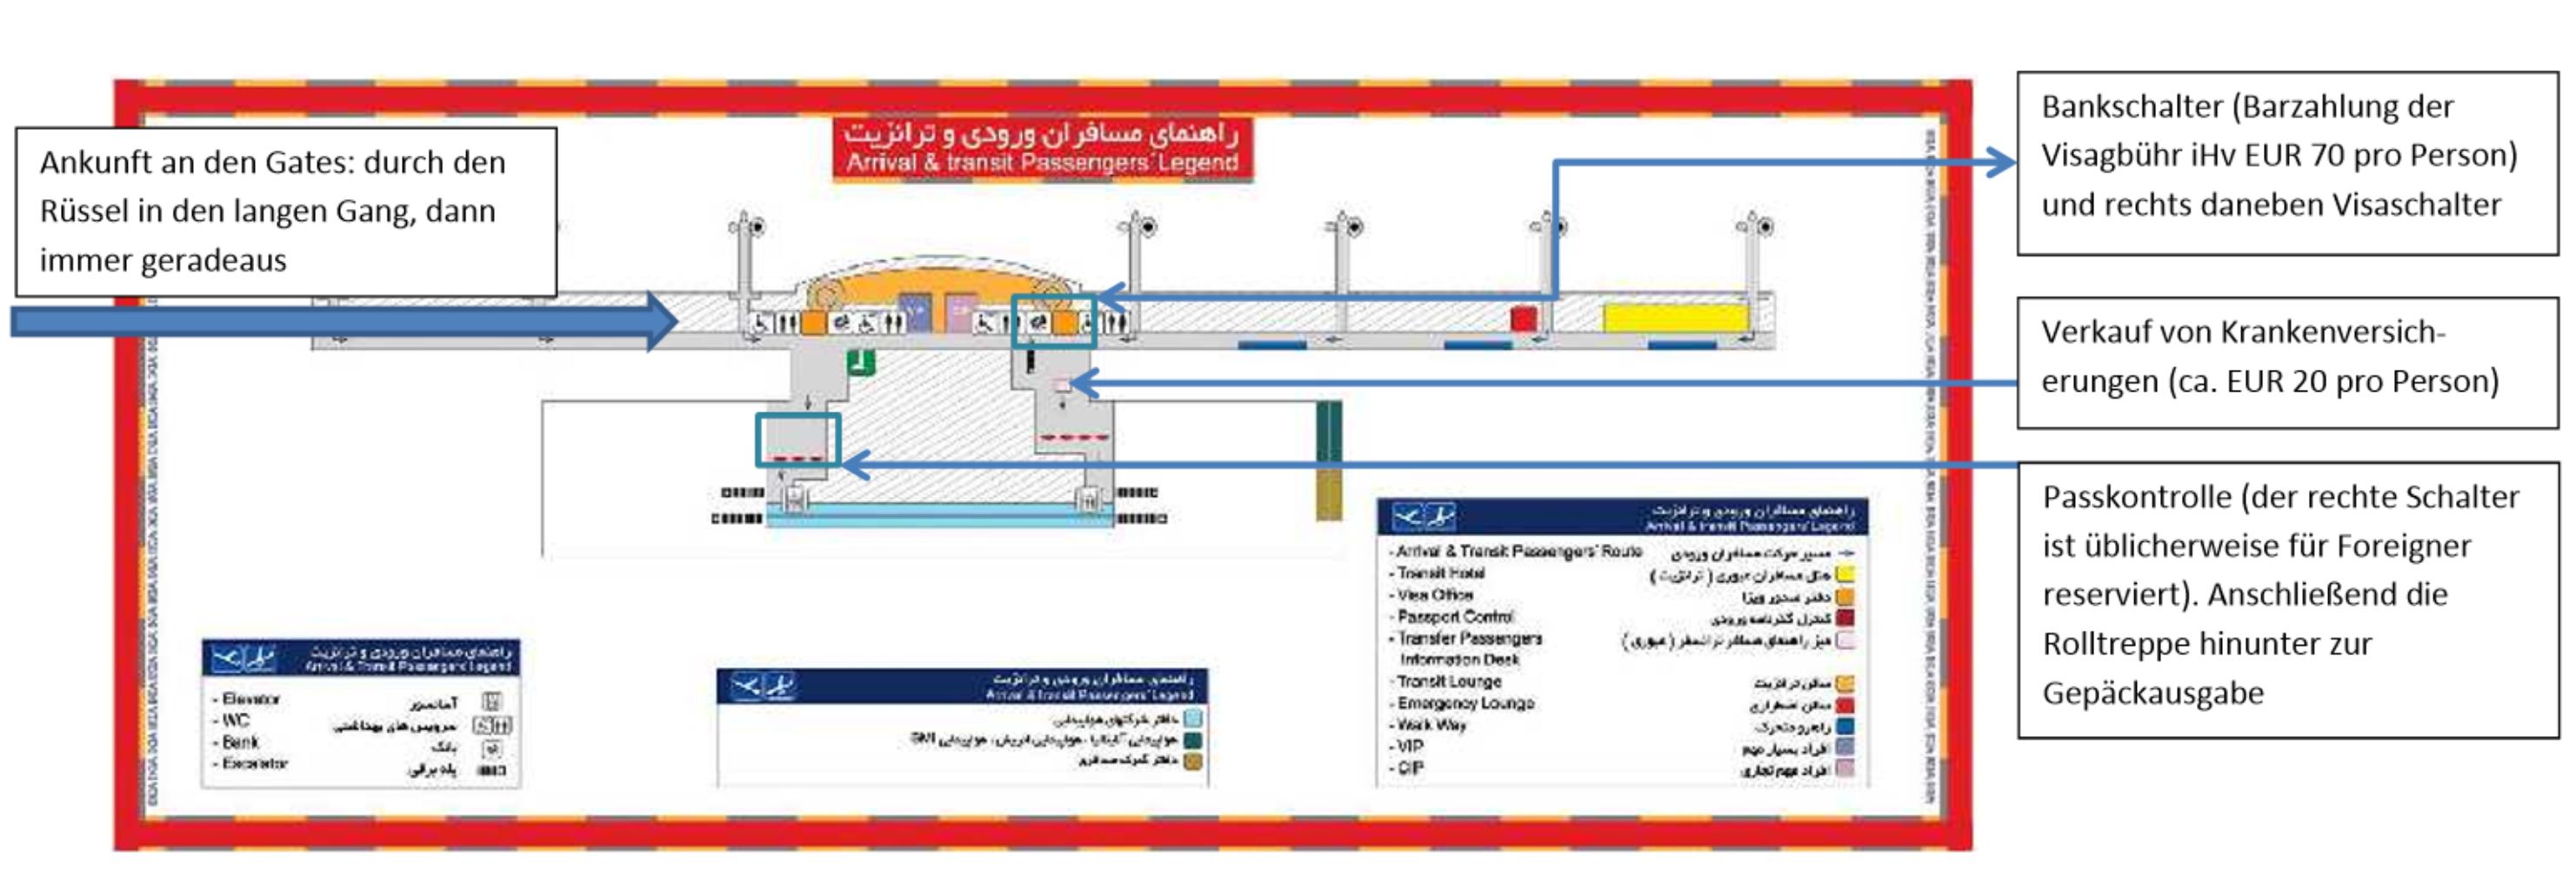 Karte des Ankunftsbereichs am Imam Khomeini International Airport in Teheran mit Erklärung des Visa-Prozedere